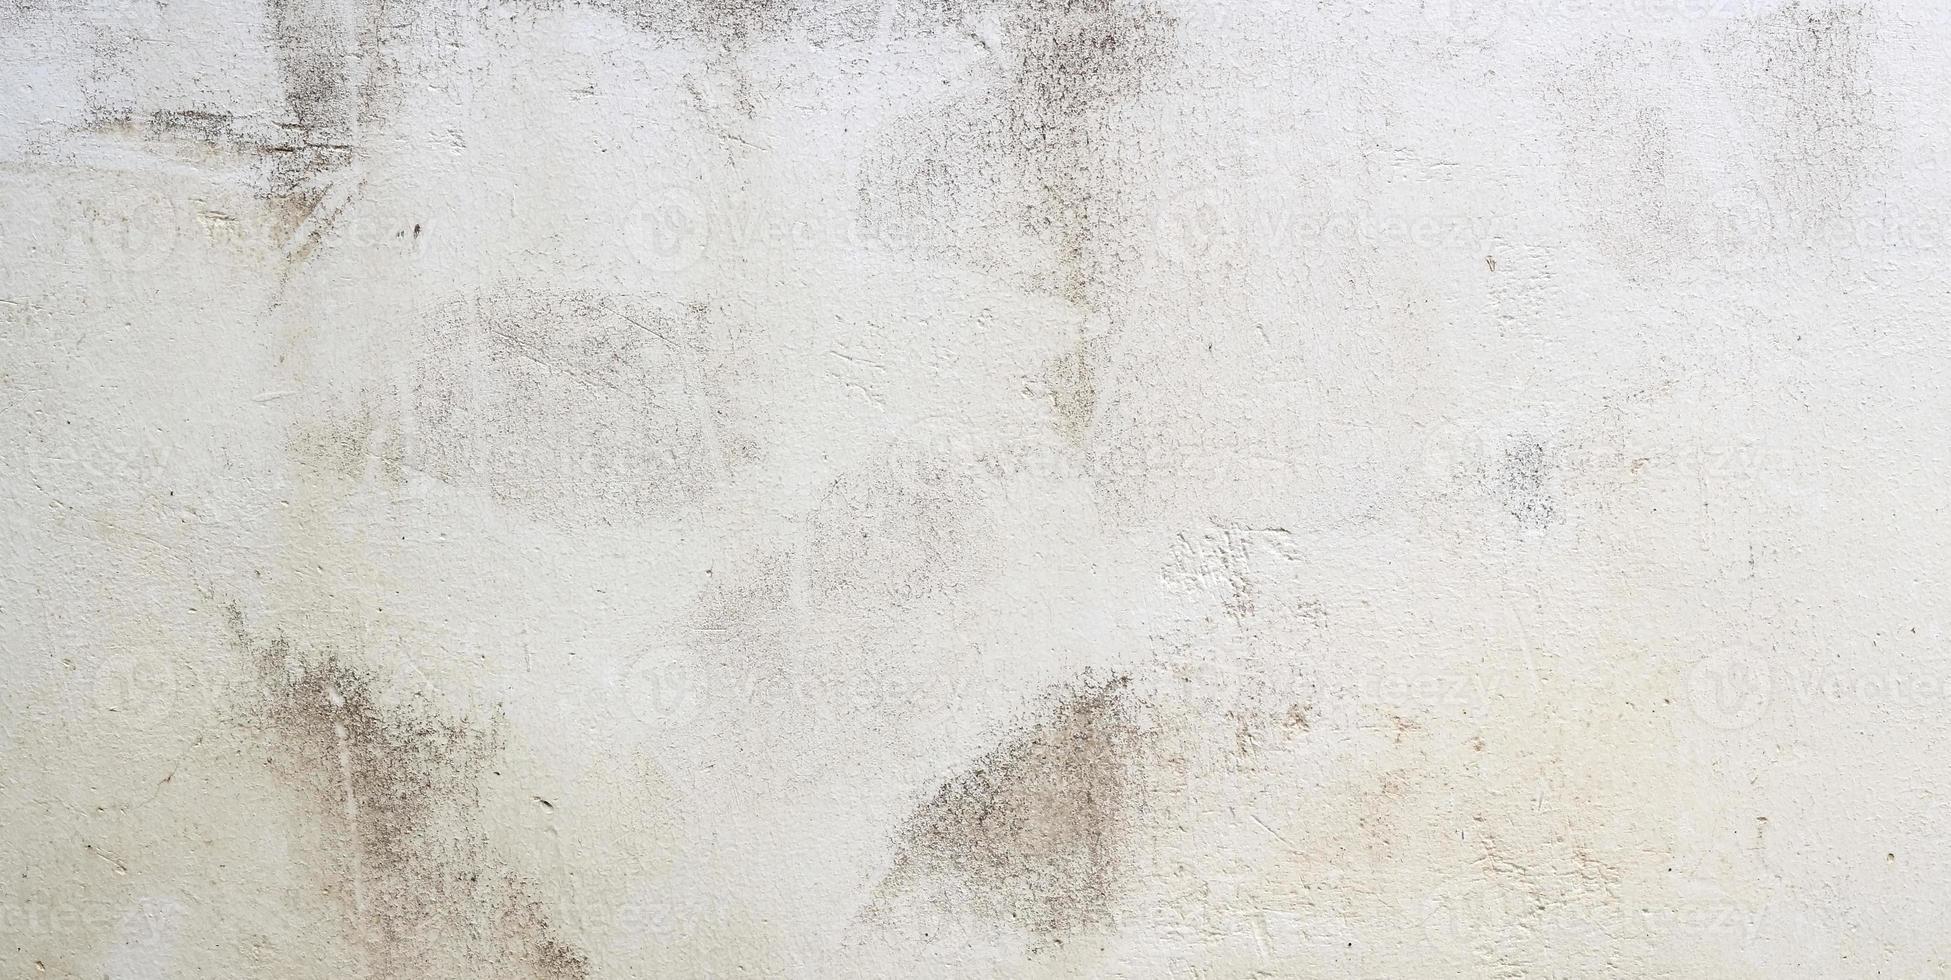 vuile muur textuur foto